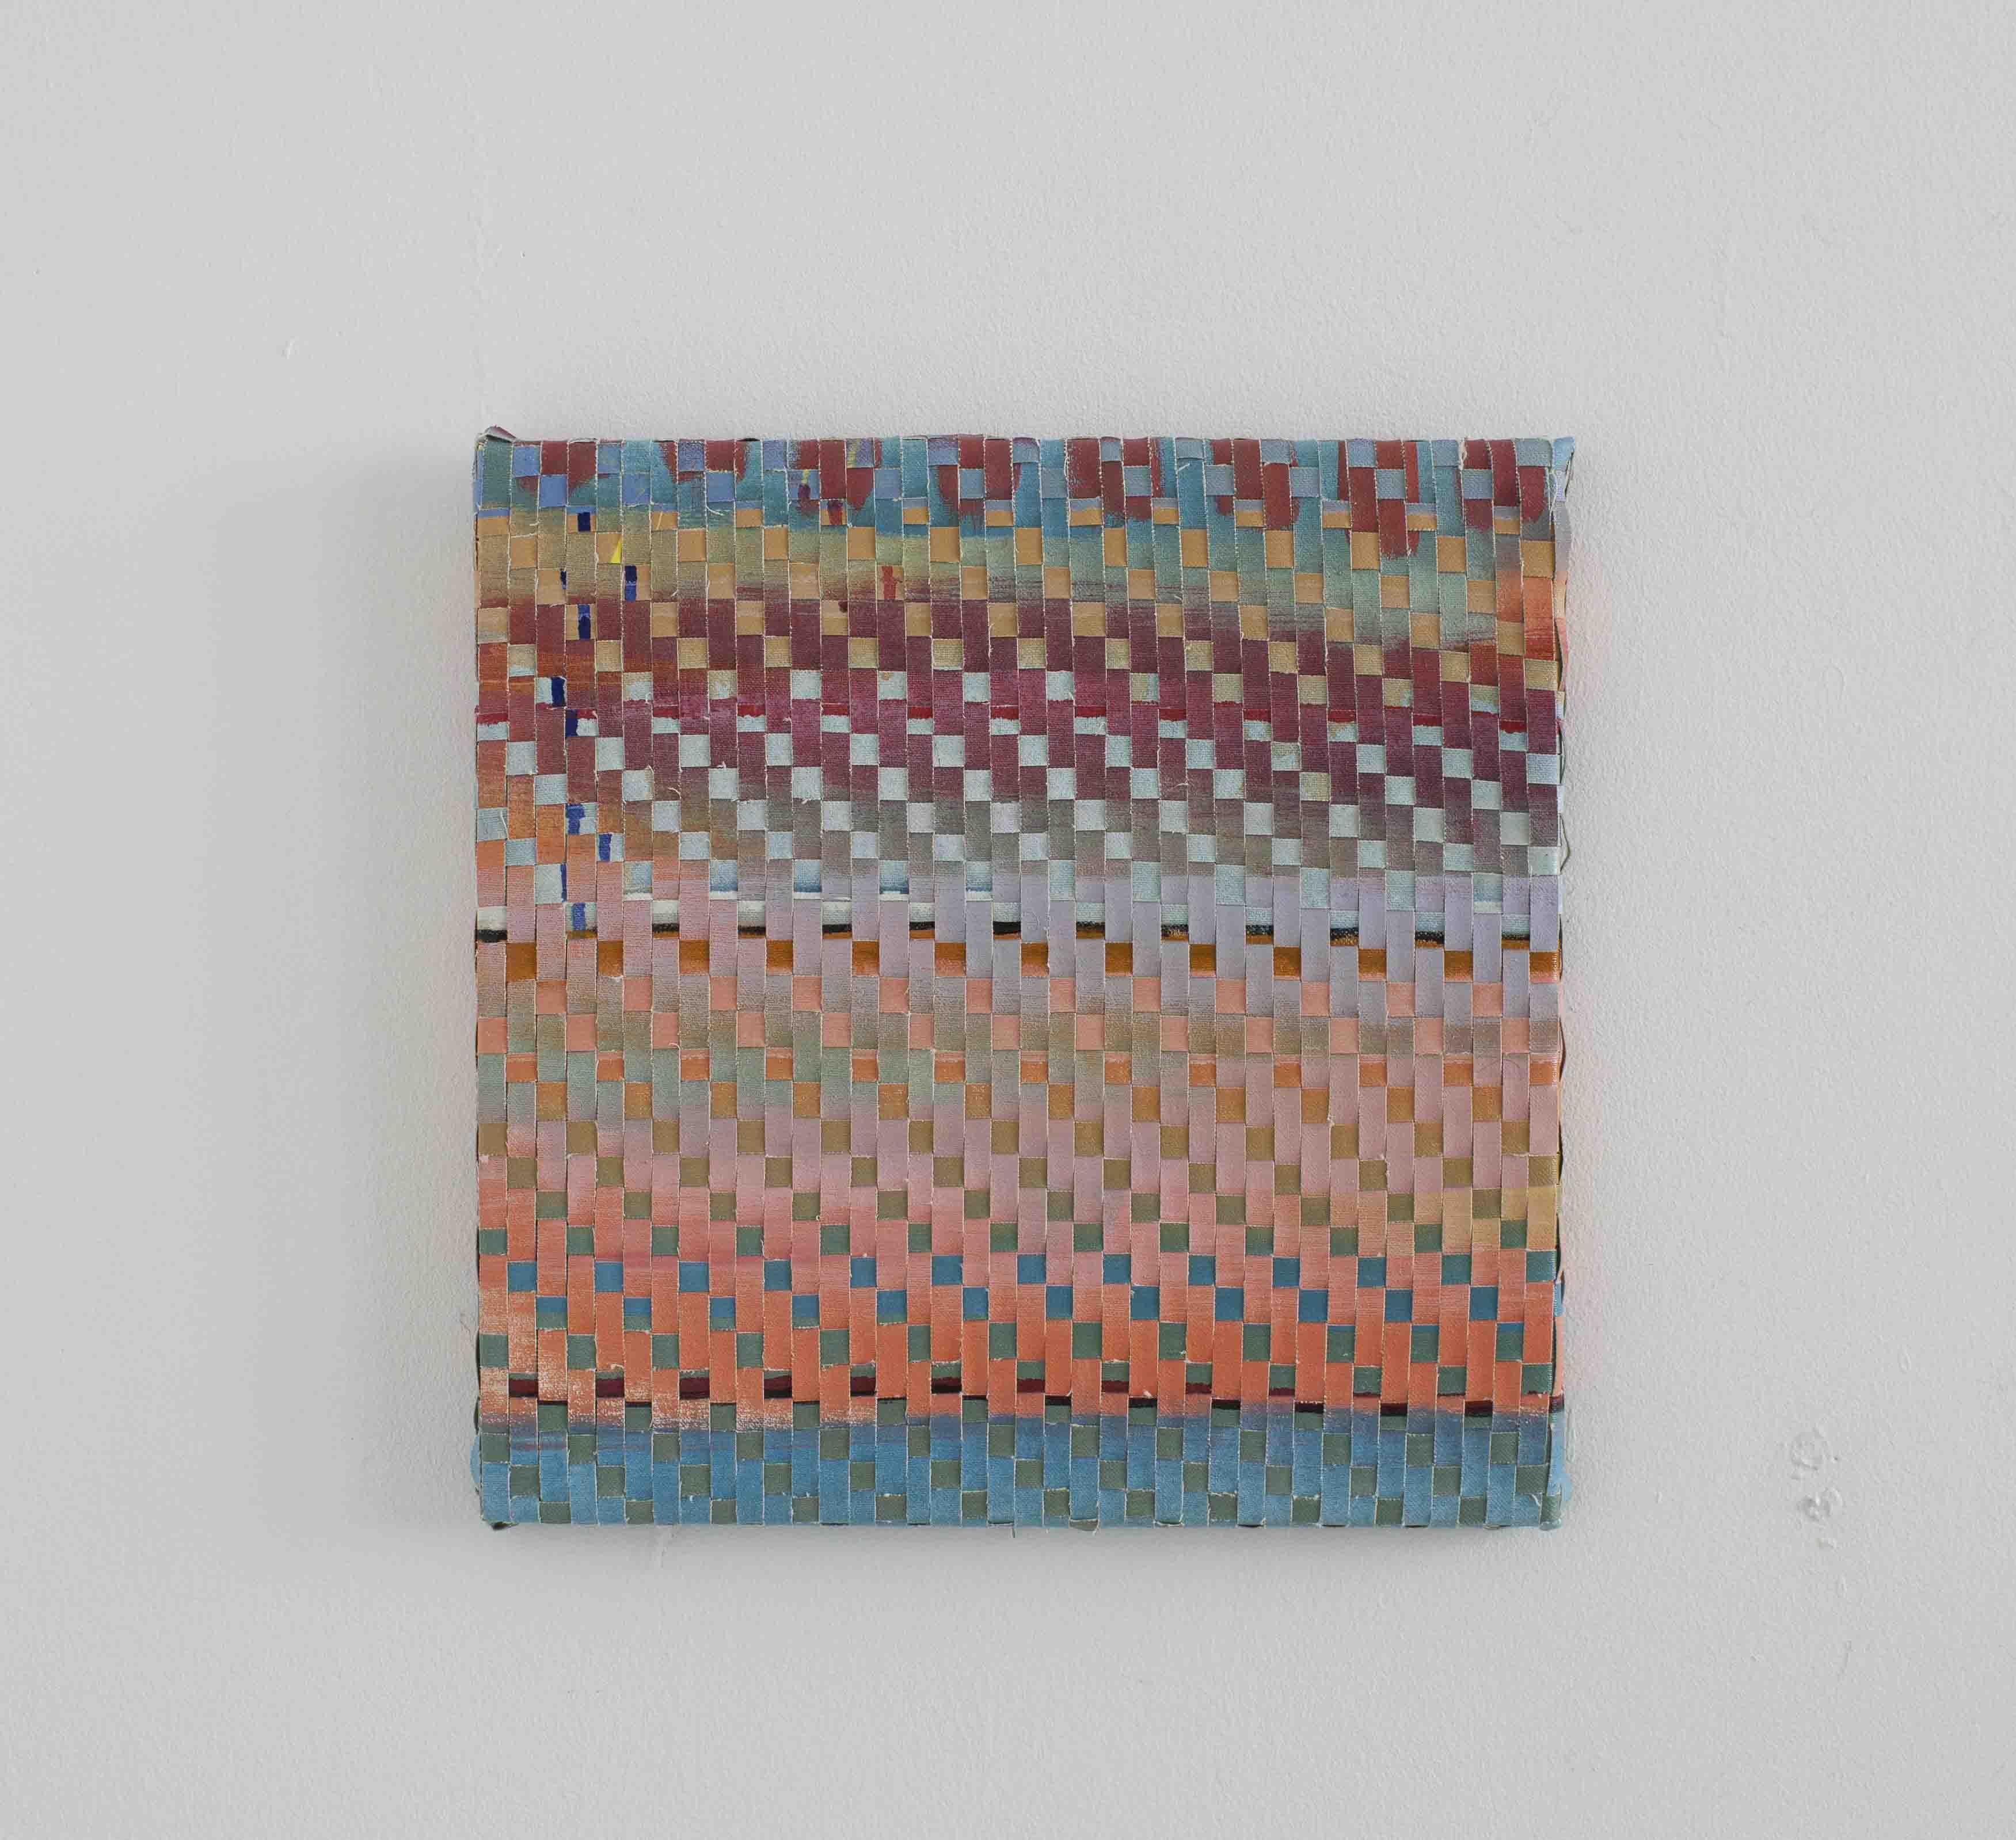 Vertikal horizontal_39x39cm_webstück aus 2 bemalten leinwänden